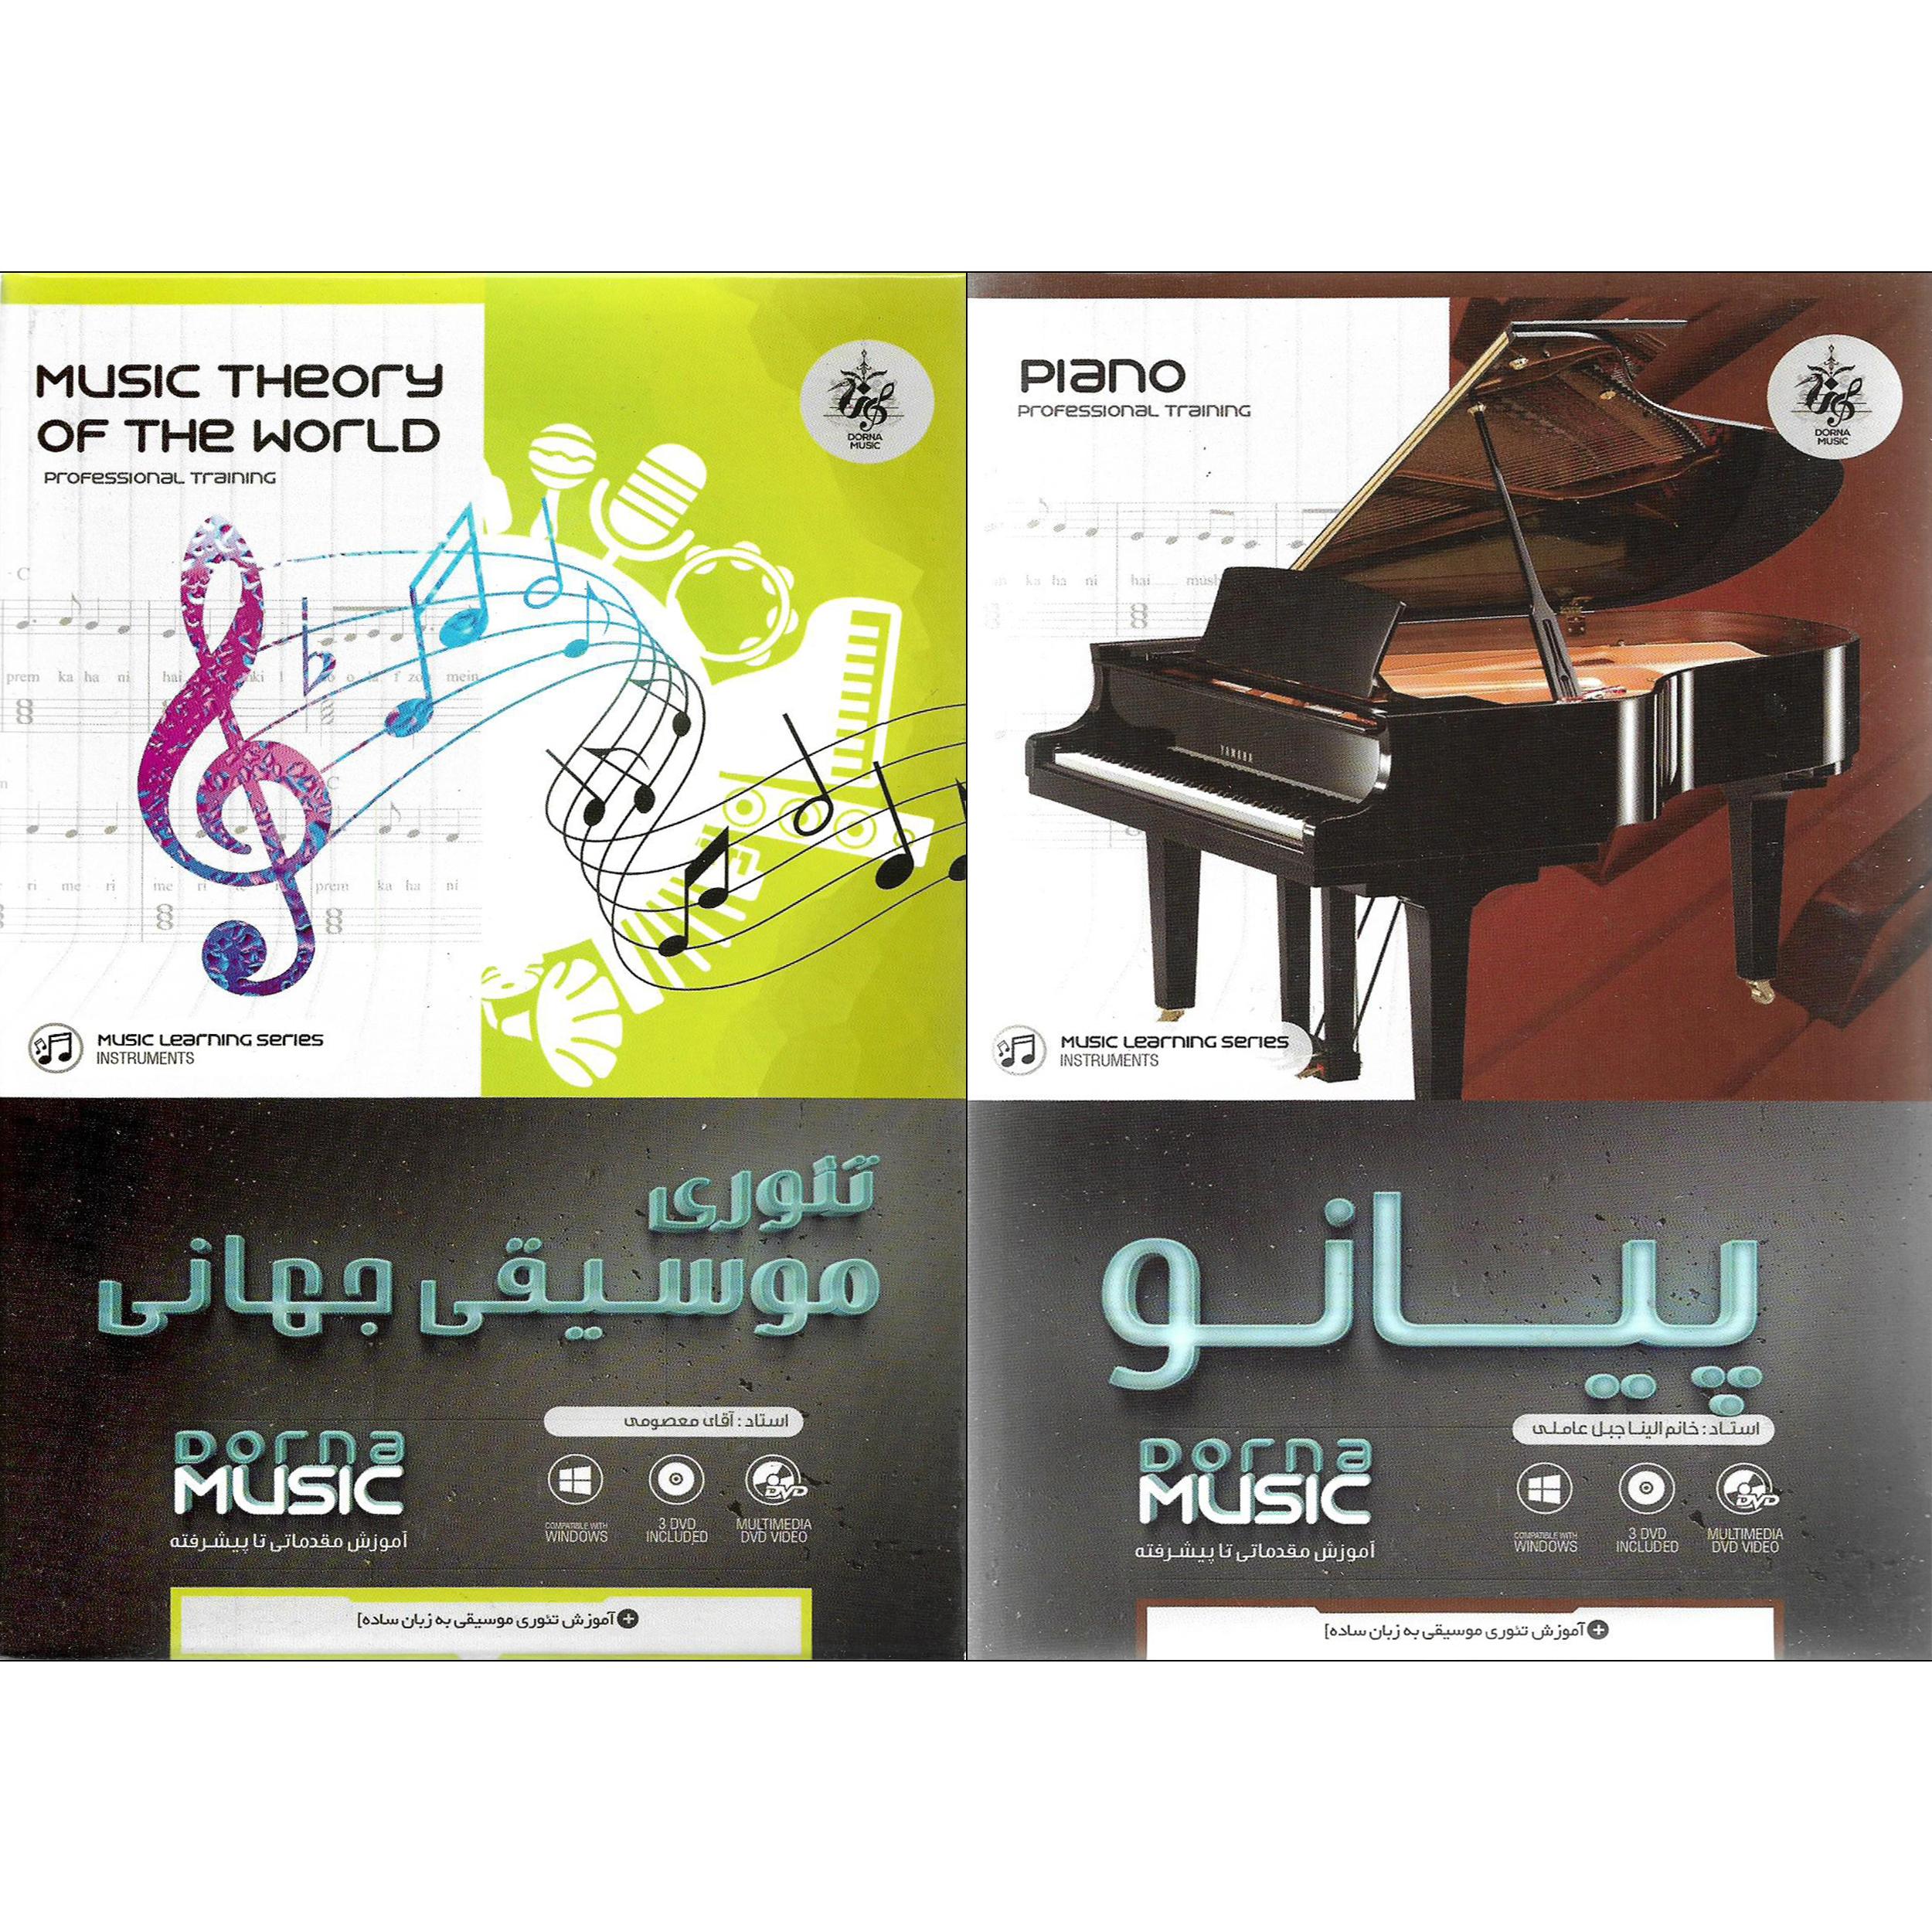 نرم افزار آموزش پیانو نشر درنا به همراه نرم افزار آموزش تئوری موسیقی جهانی نشر درنا